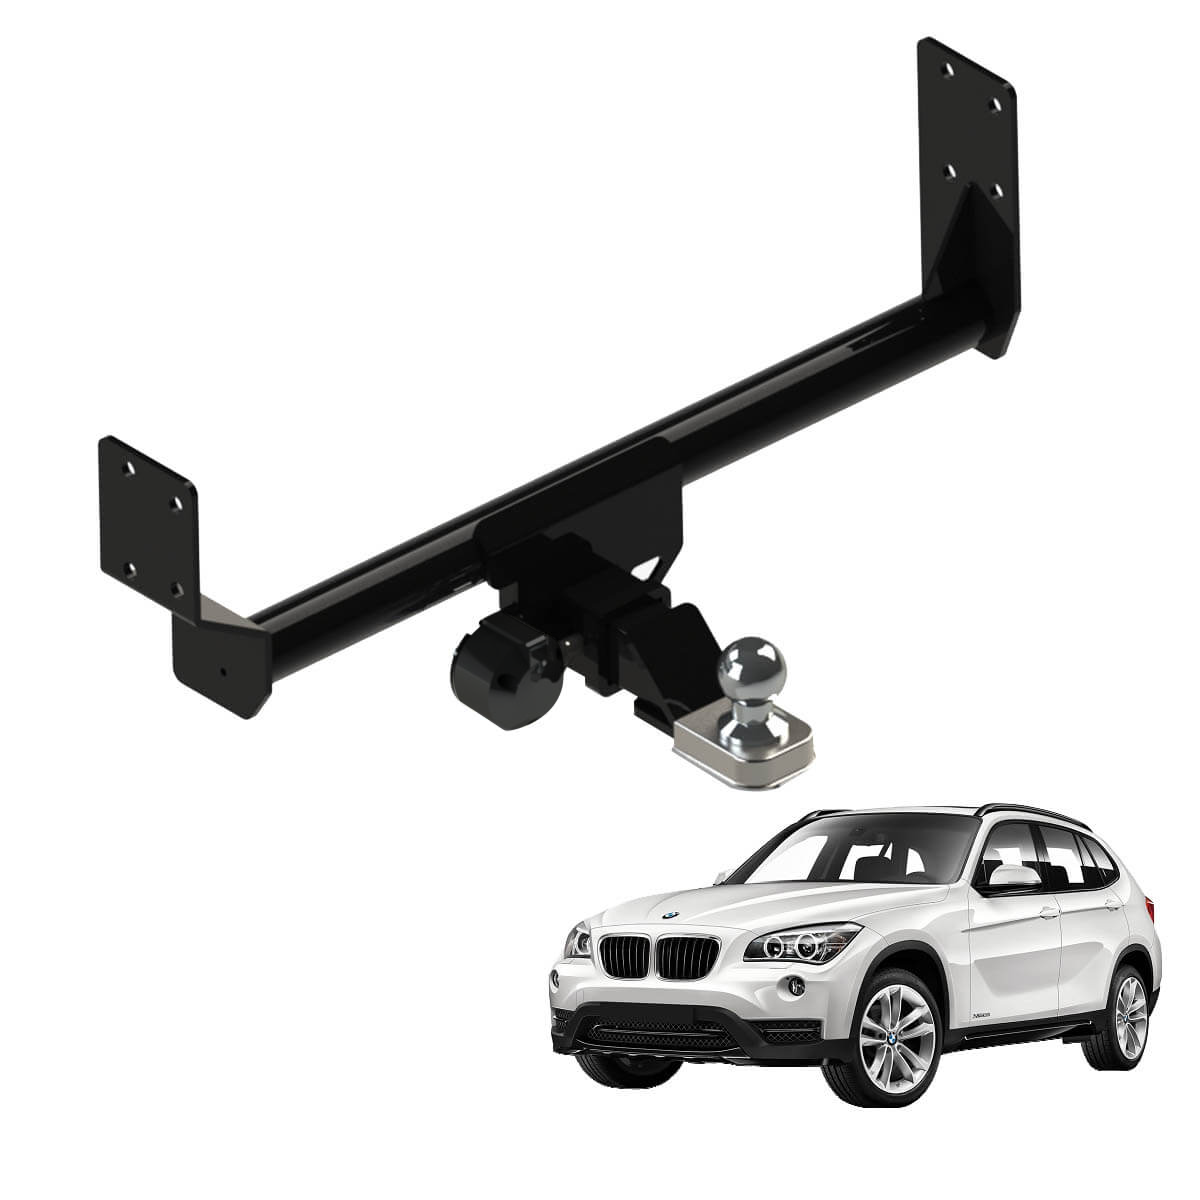 Engate de reboque removível Gedeval BMW X1 2010 a 2016